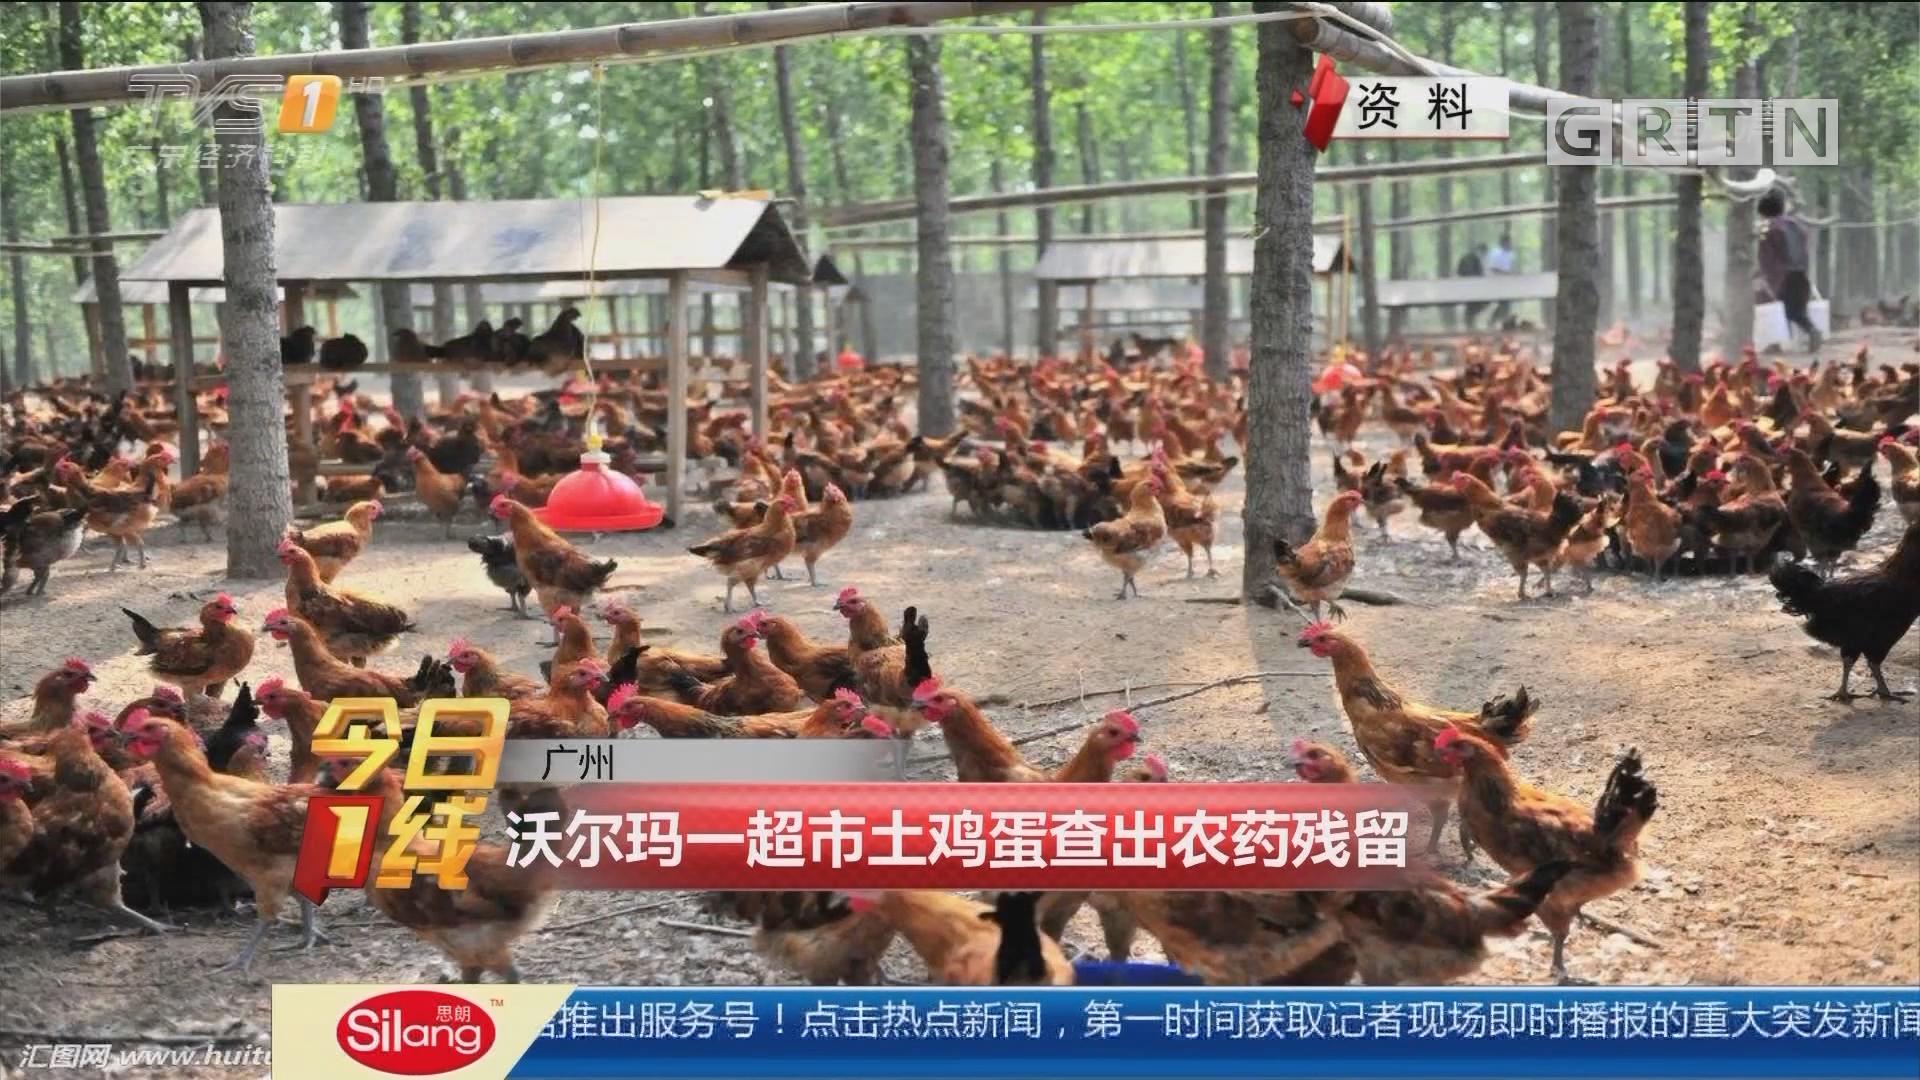 广州:沃尔玛一超市土鸡蛋查出农药残留